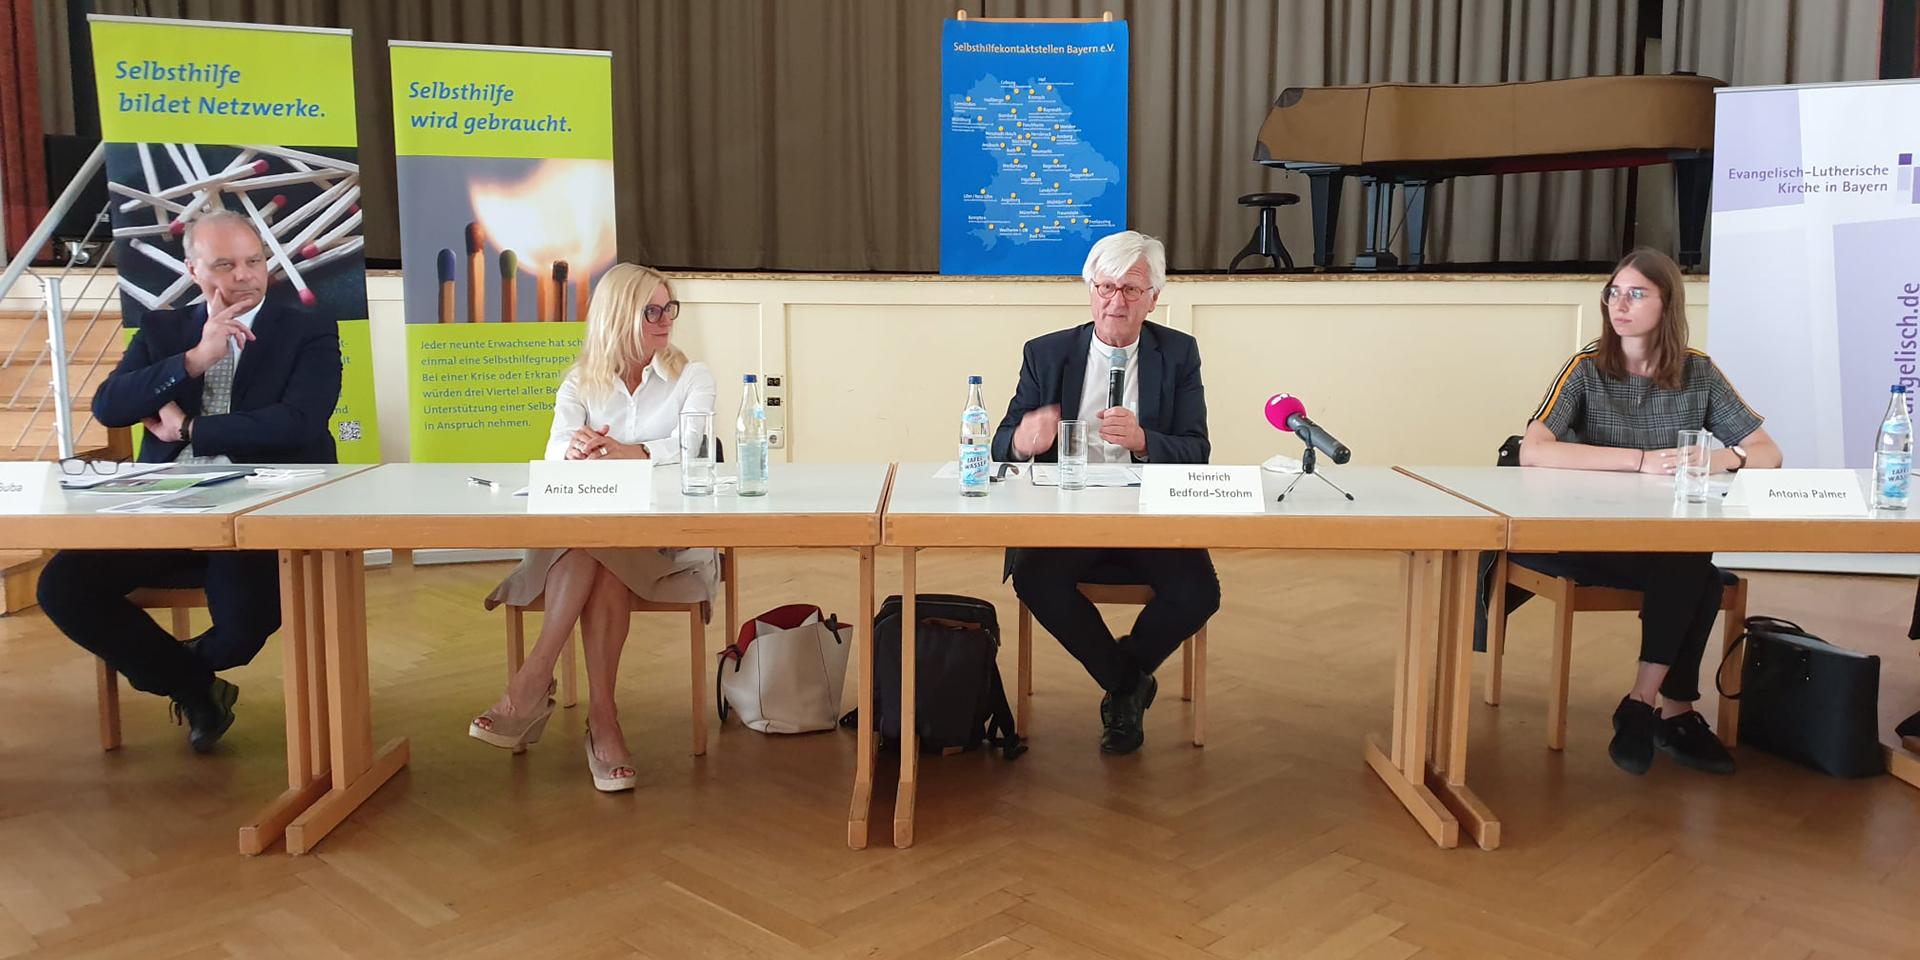 Pressekonferenz in Weiden in der Oberpfalz.